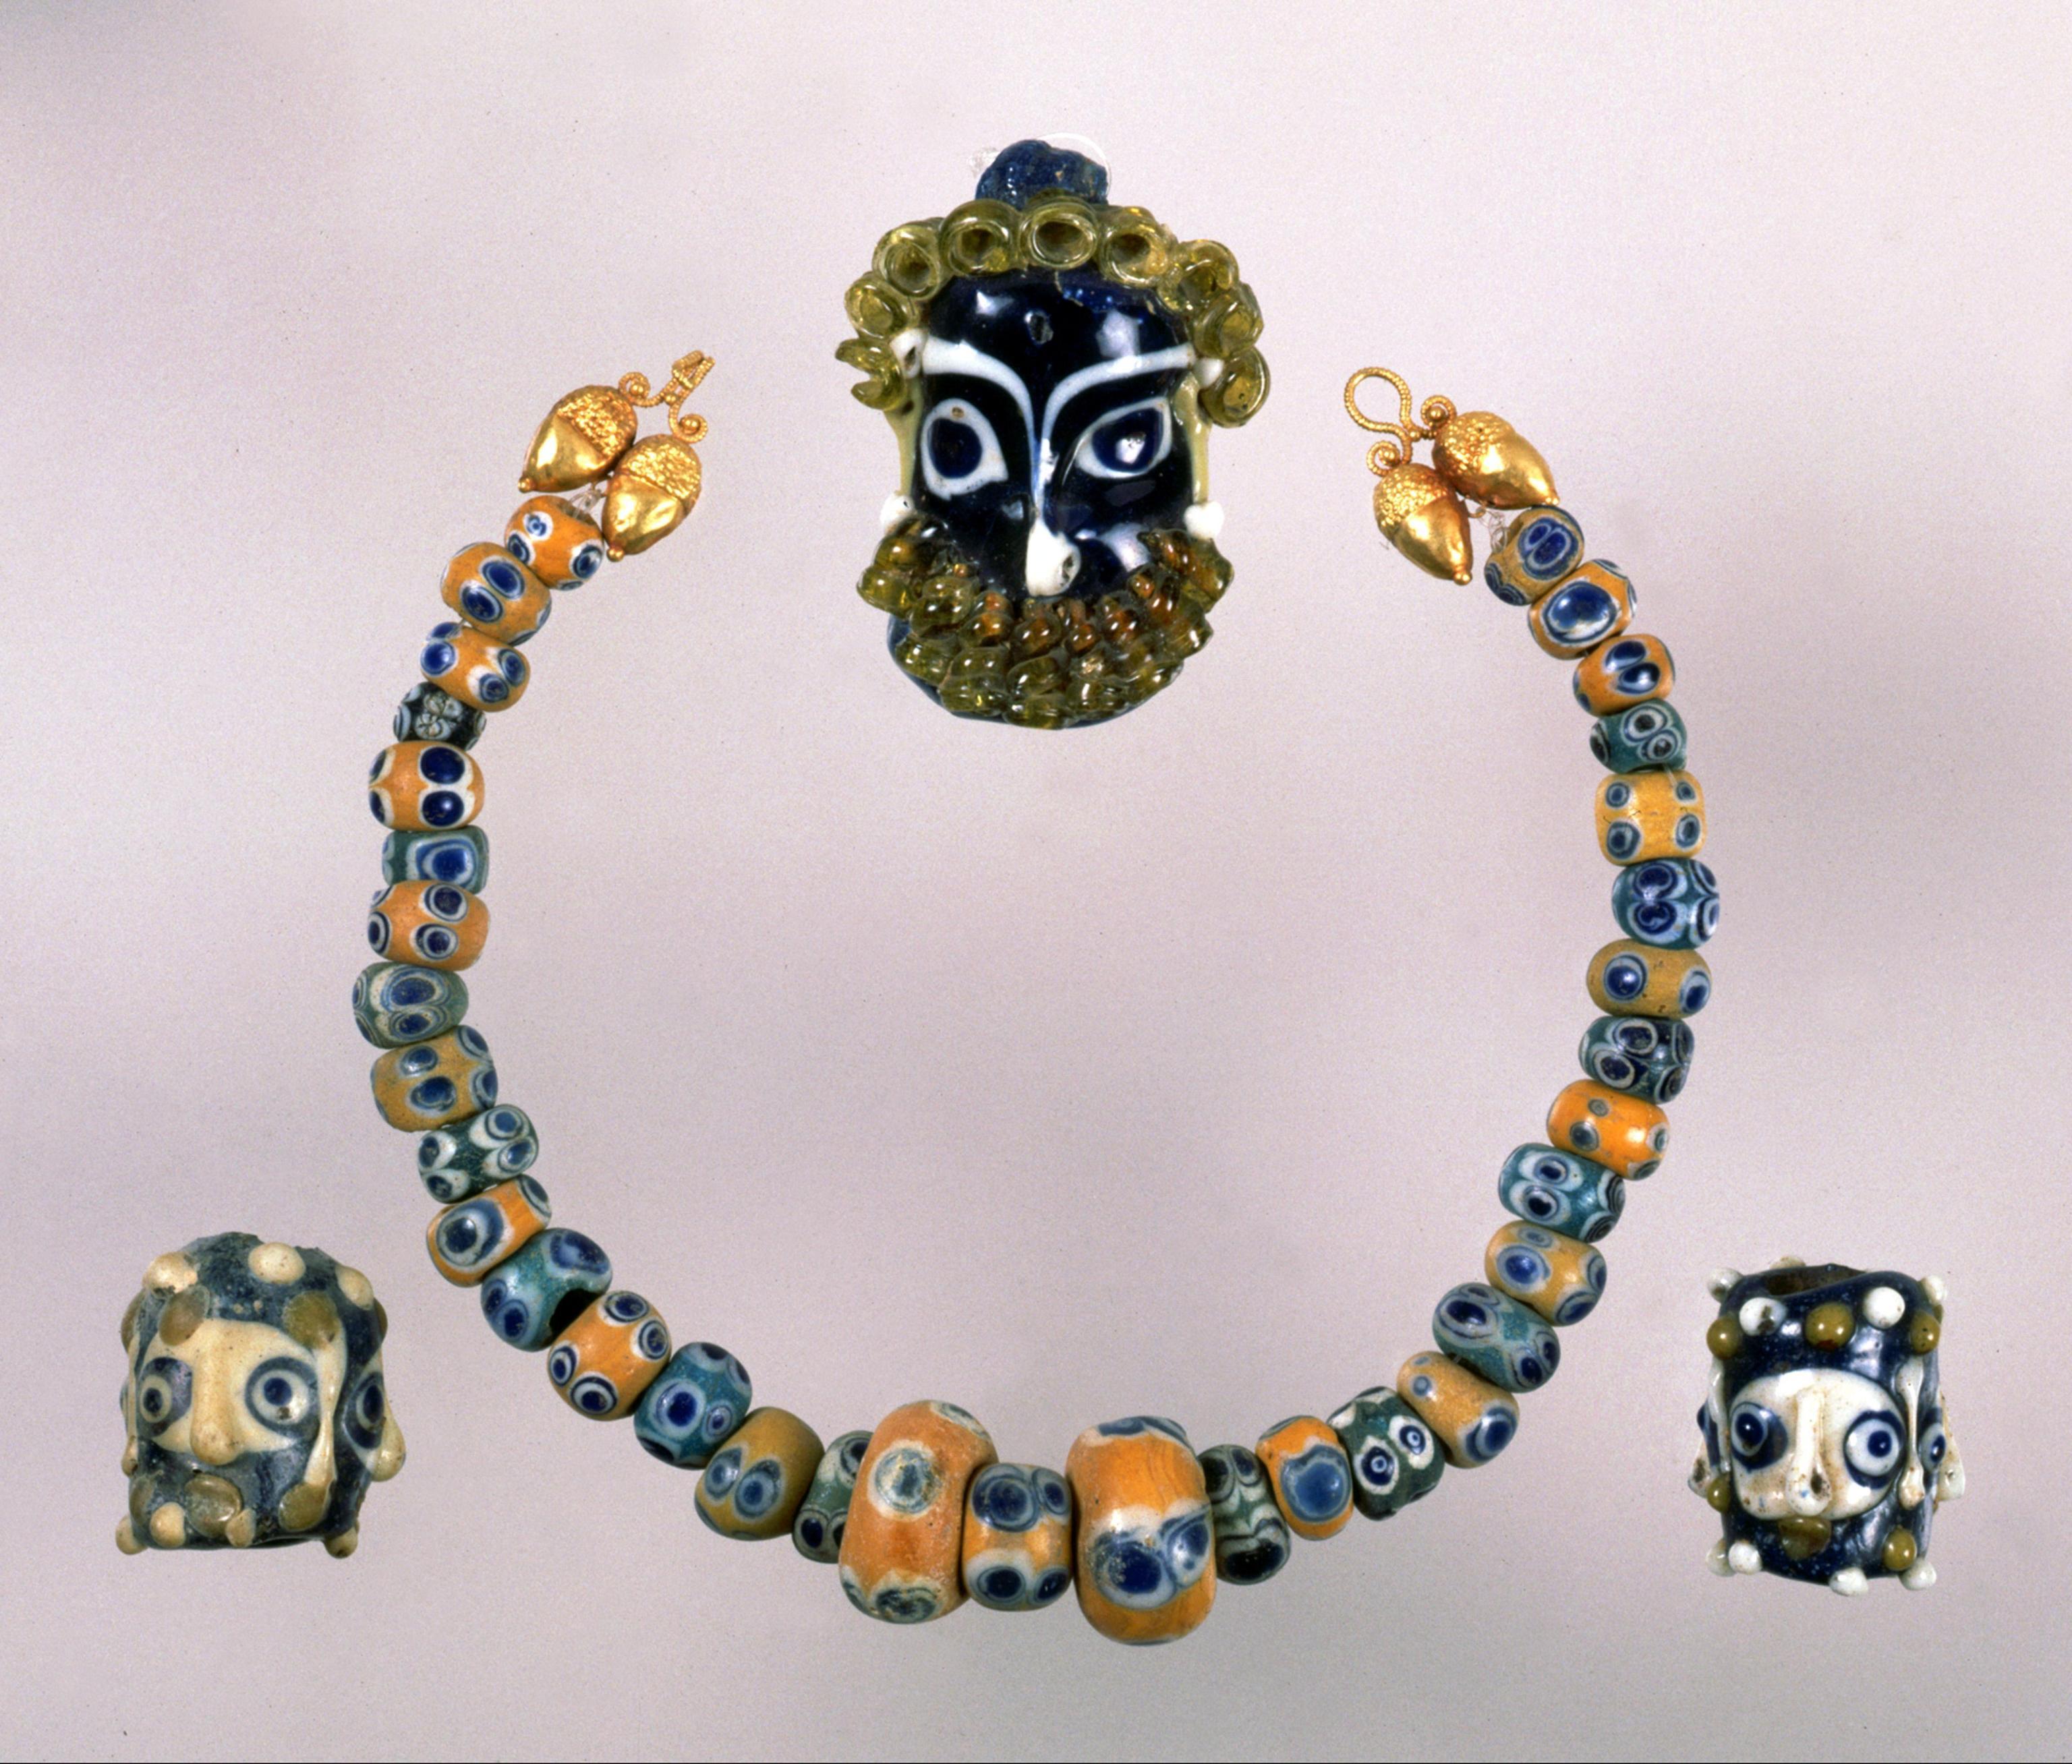 Collana con vaghi di pasta vitre e pendenti a maschera umana, da Orvieto, IV secolo a.c. Roma, Museo nazionale Villa Giulia, collezione Castellani